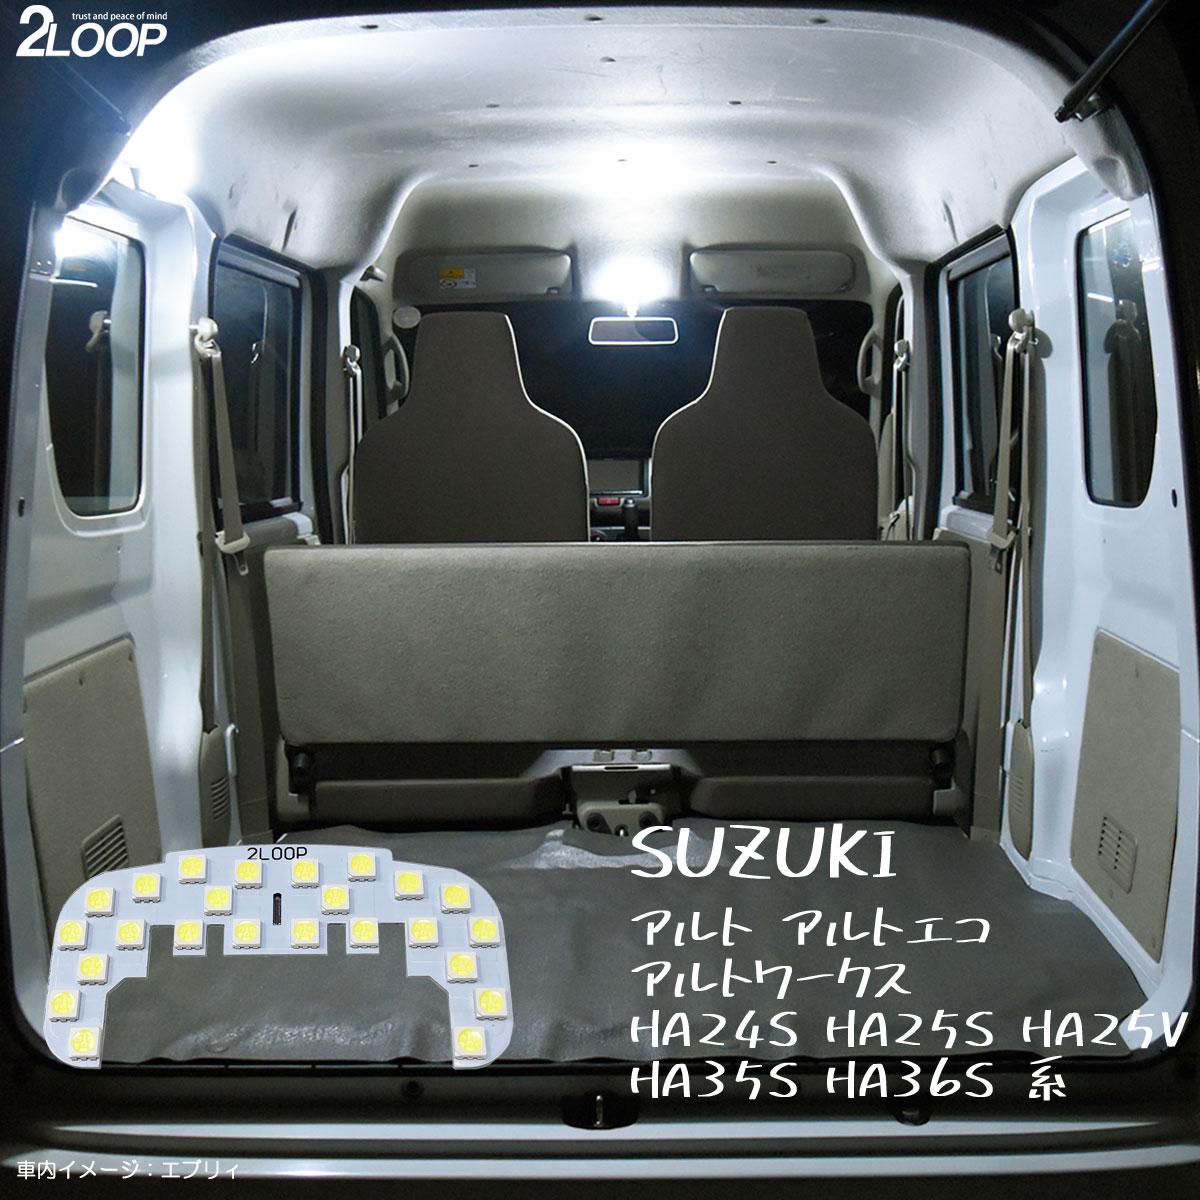 あす楽可 カスタム パーツ ルームランプ 車内が明るく アウトドアにも便利 百貨店 まばゆい光 定番の 白 ホワイト 純白光 車検対応 車種専用設計 アルト 高価値 HA24S LED アルトワークス 系 HA35S HA36S 綺麗な光 6000Kクラスの 3チップSMD1点 HA25S 1年保証 アルトエコ HA25V